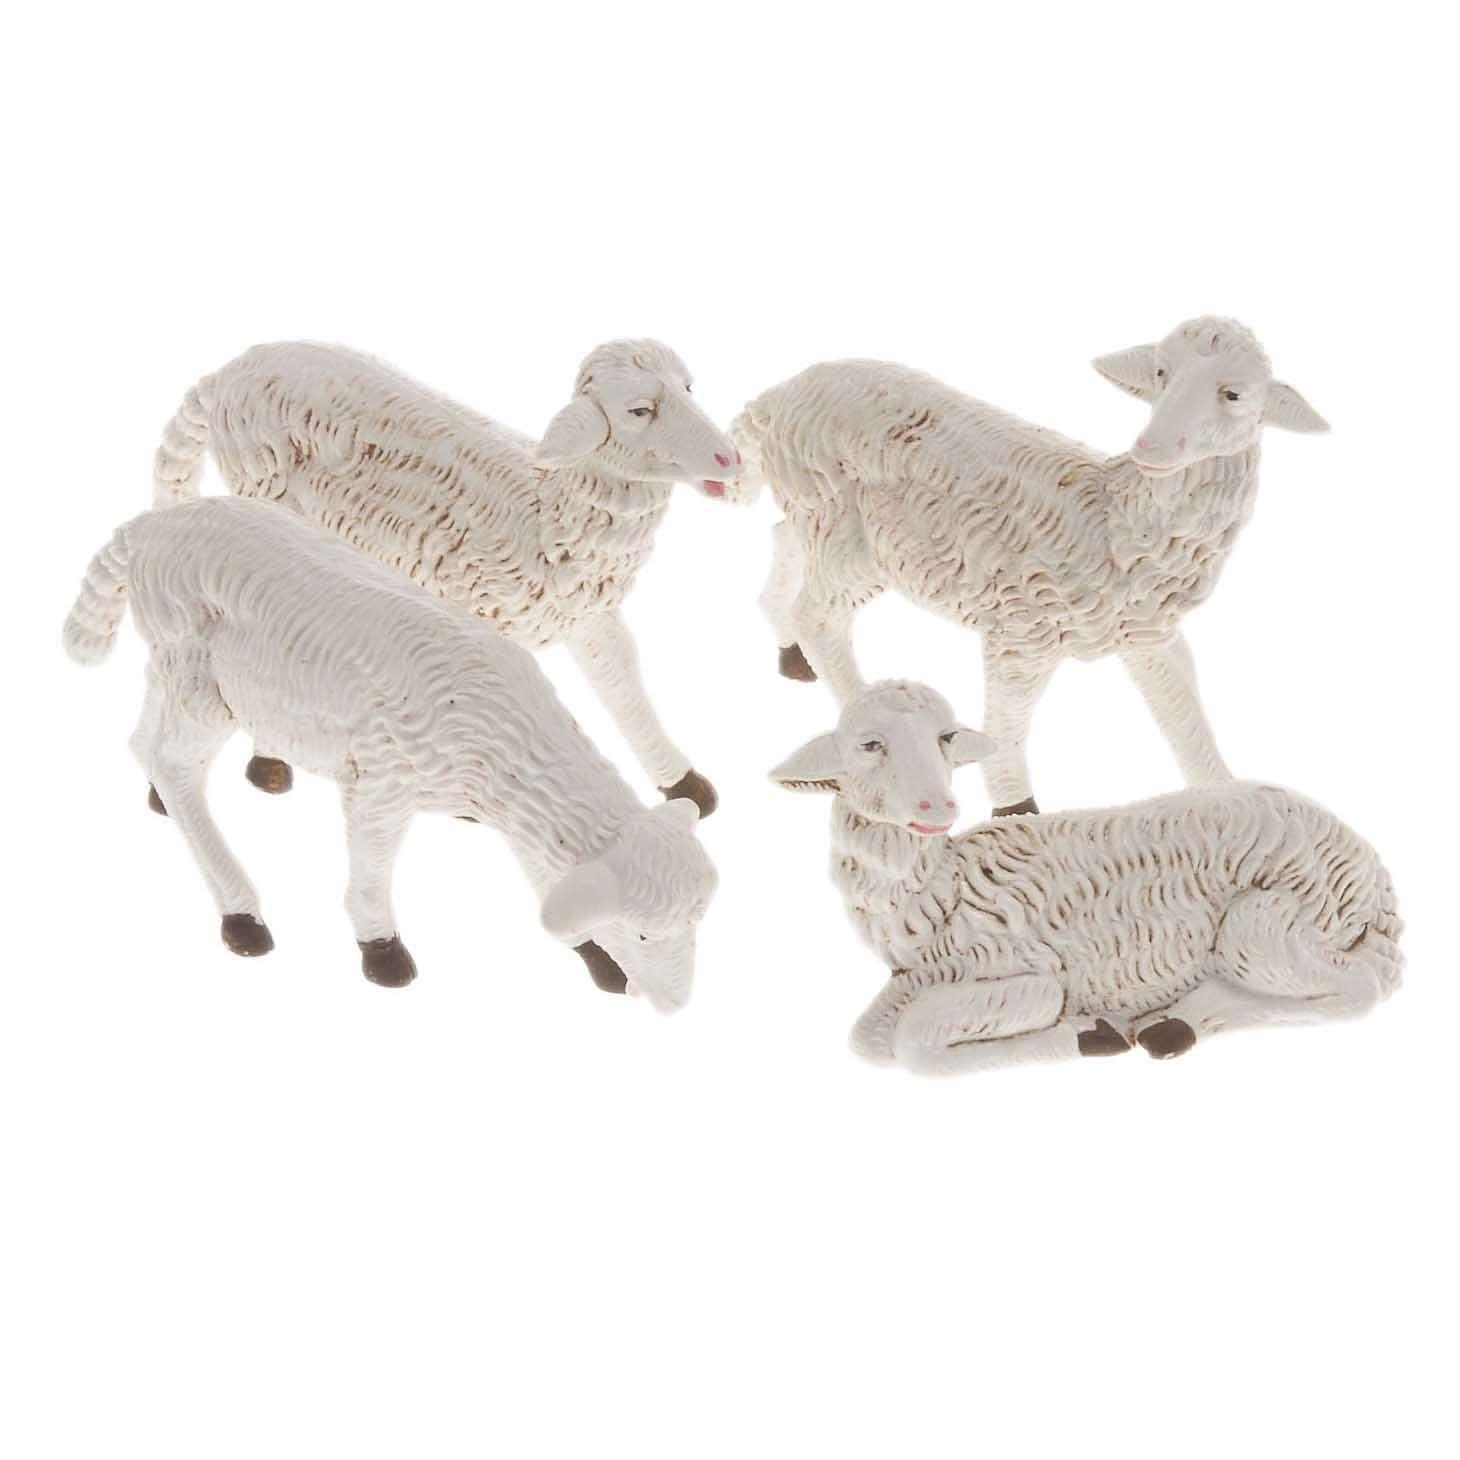 Pecore presepi plastica assortite 4 pz. per presepe di altezza media 16 cm 3